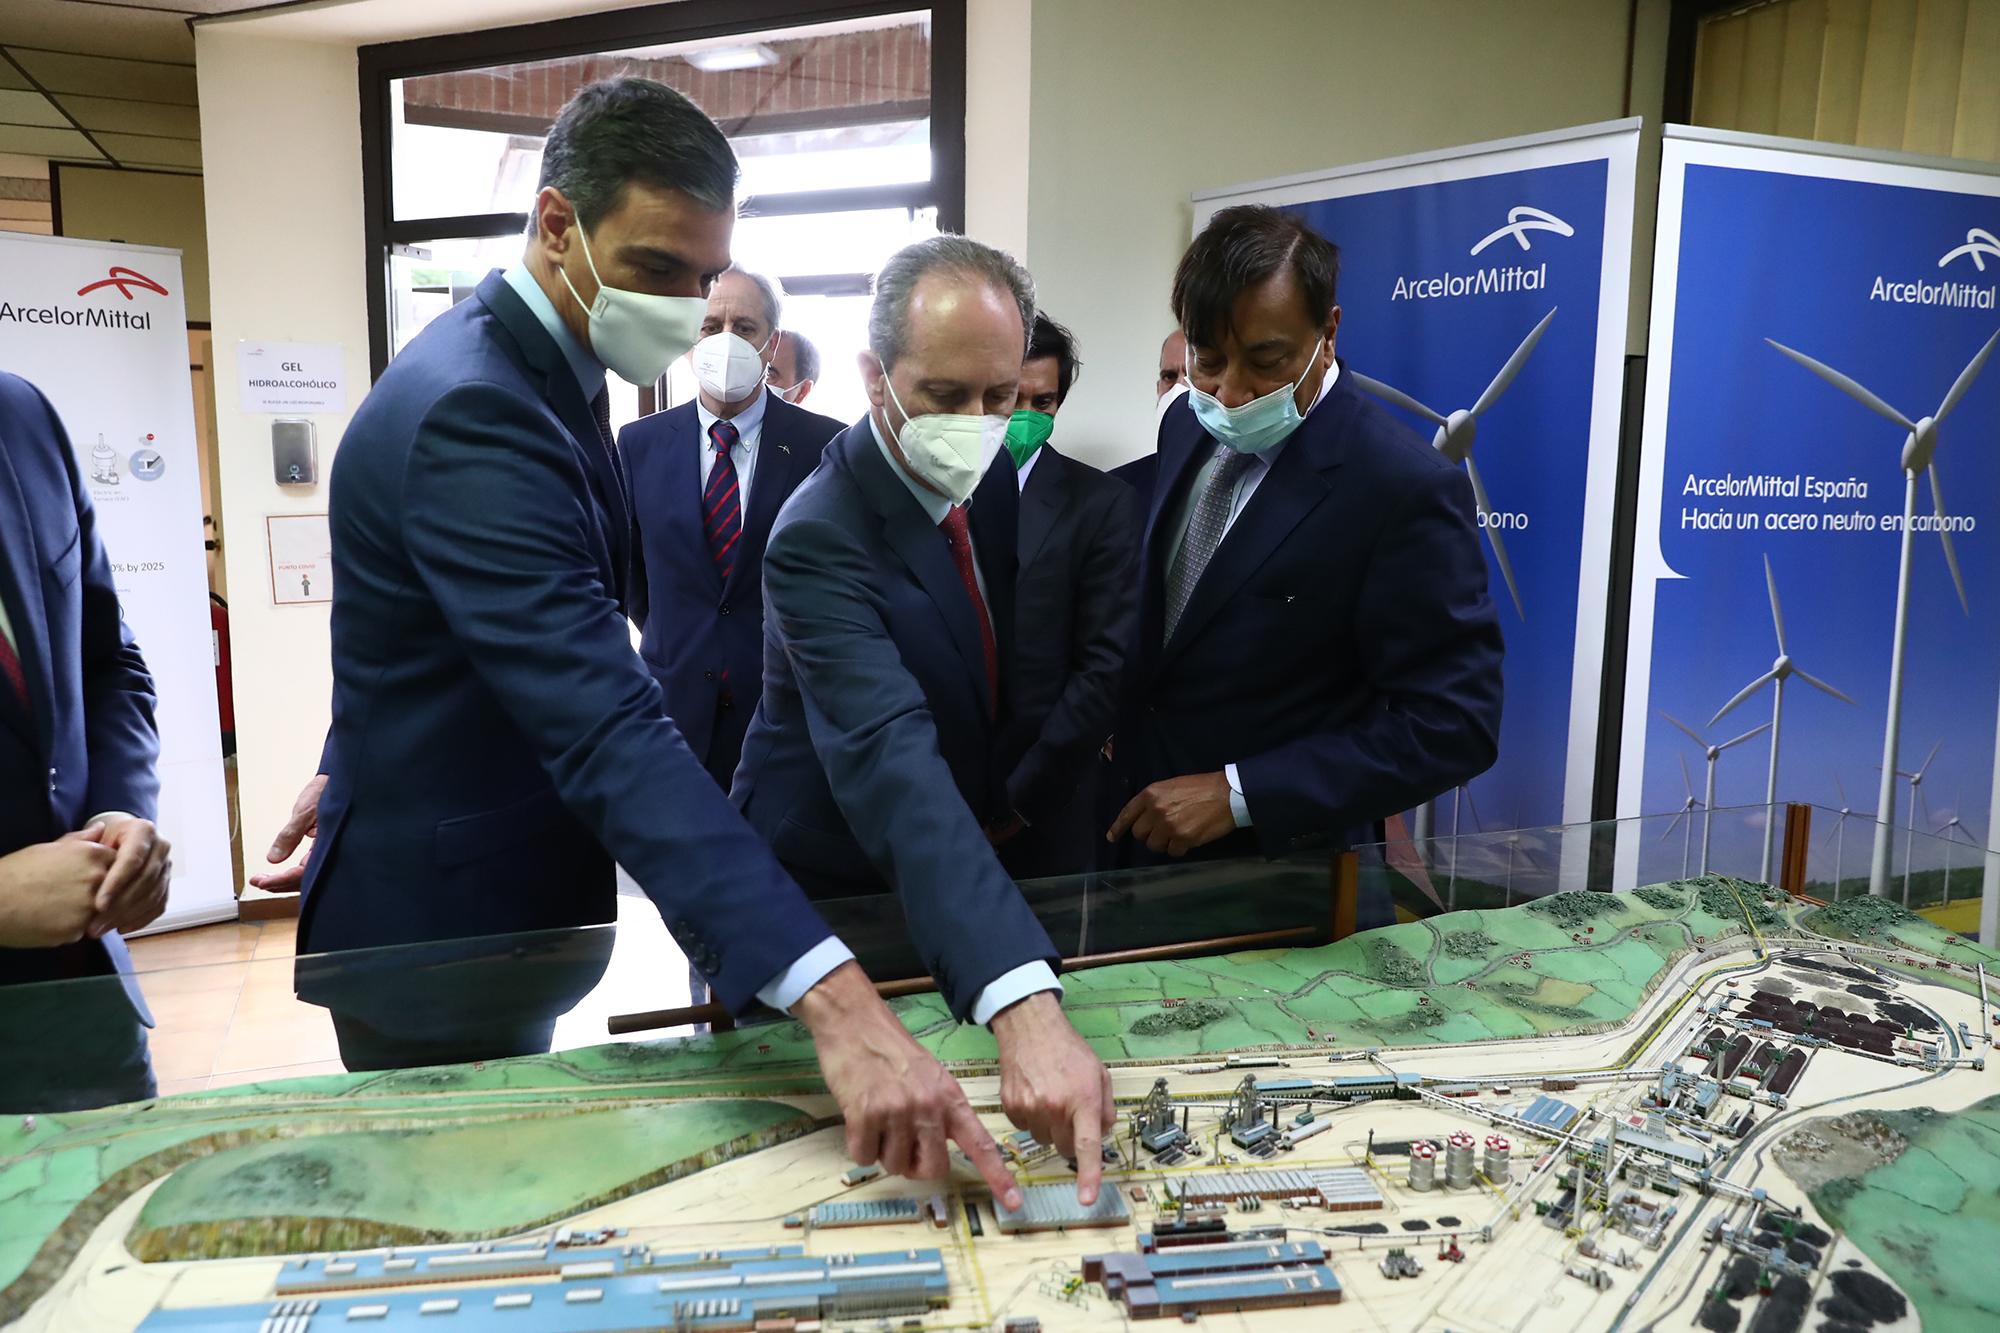 Pedro Sánchez durante su visita a ArcelorMittal